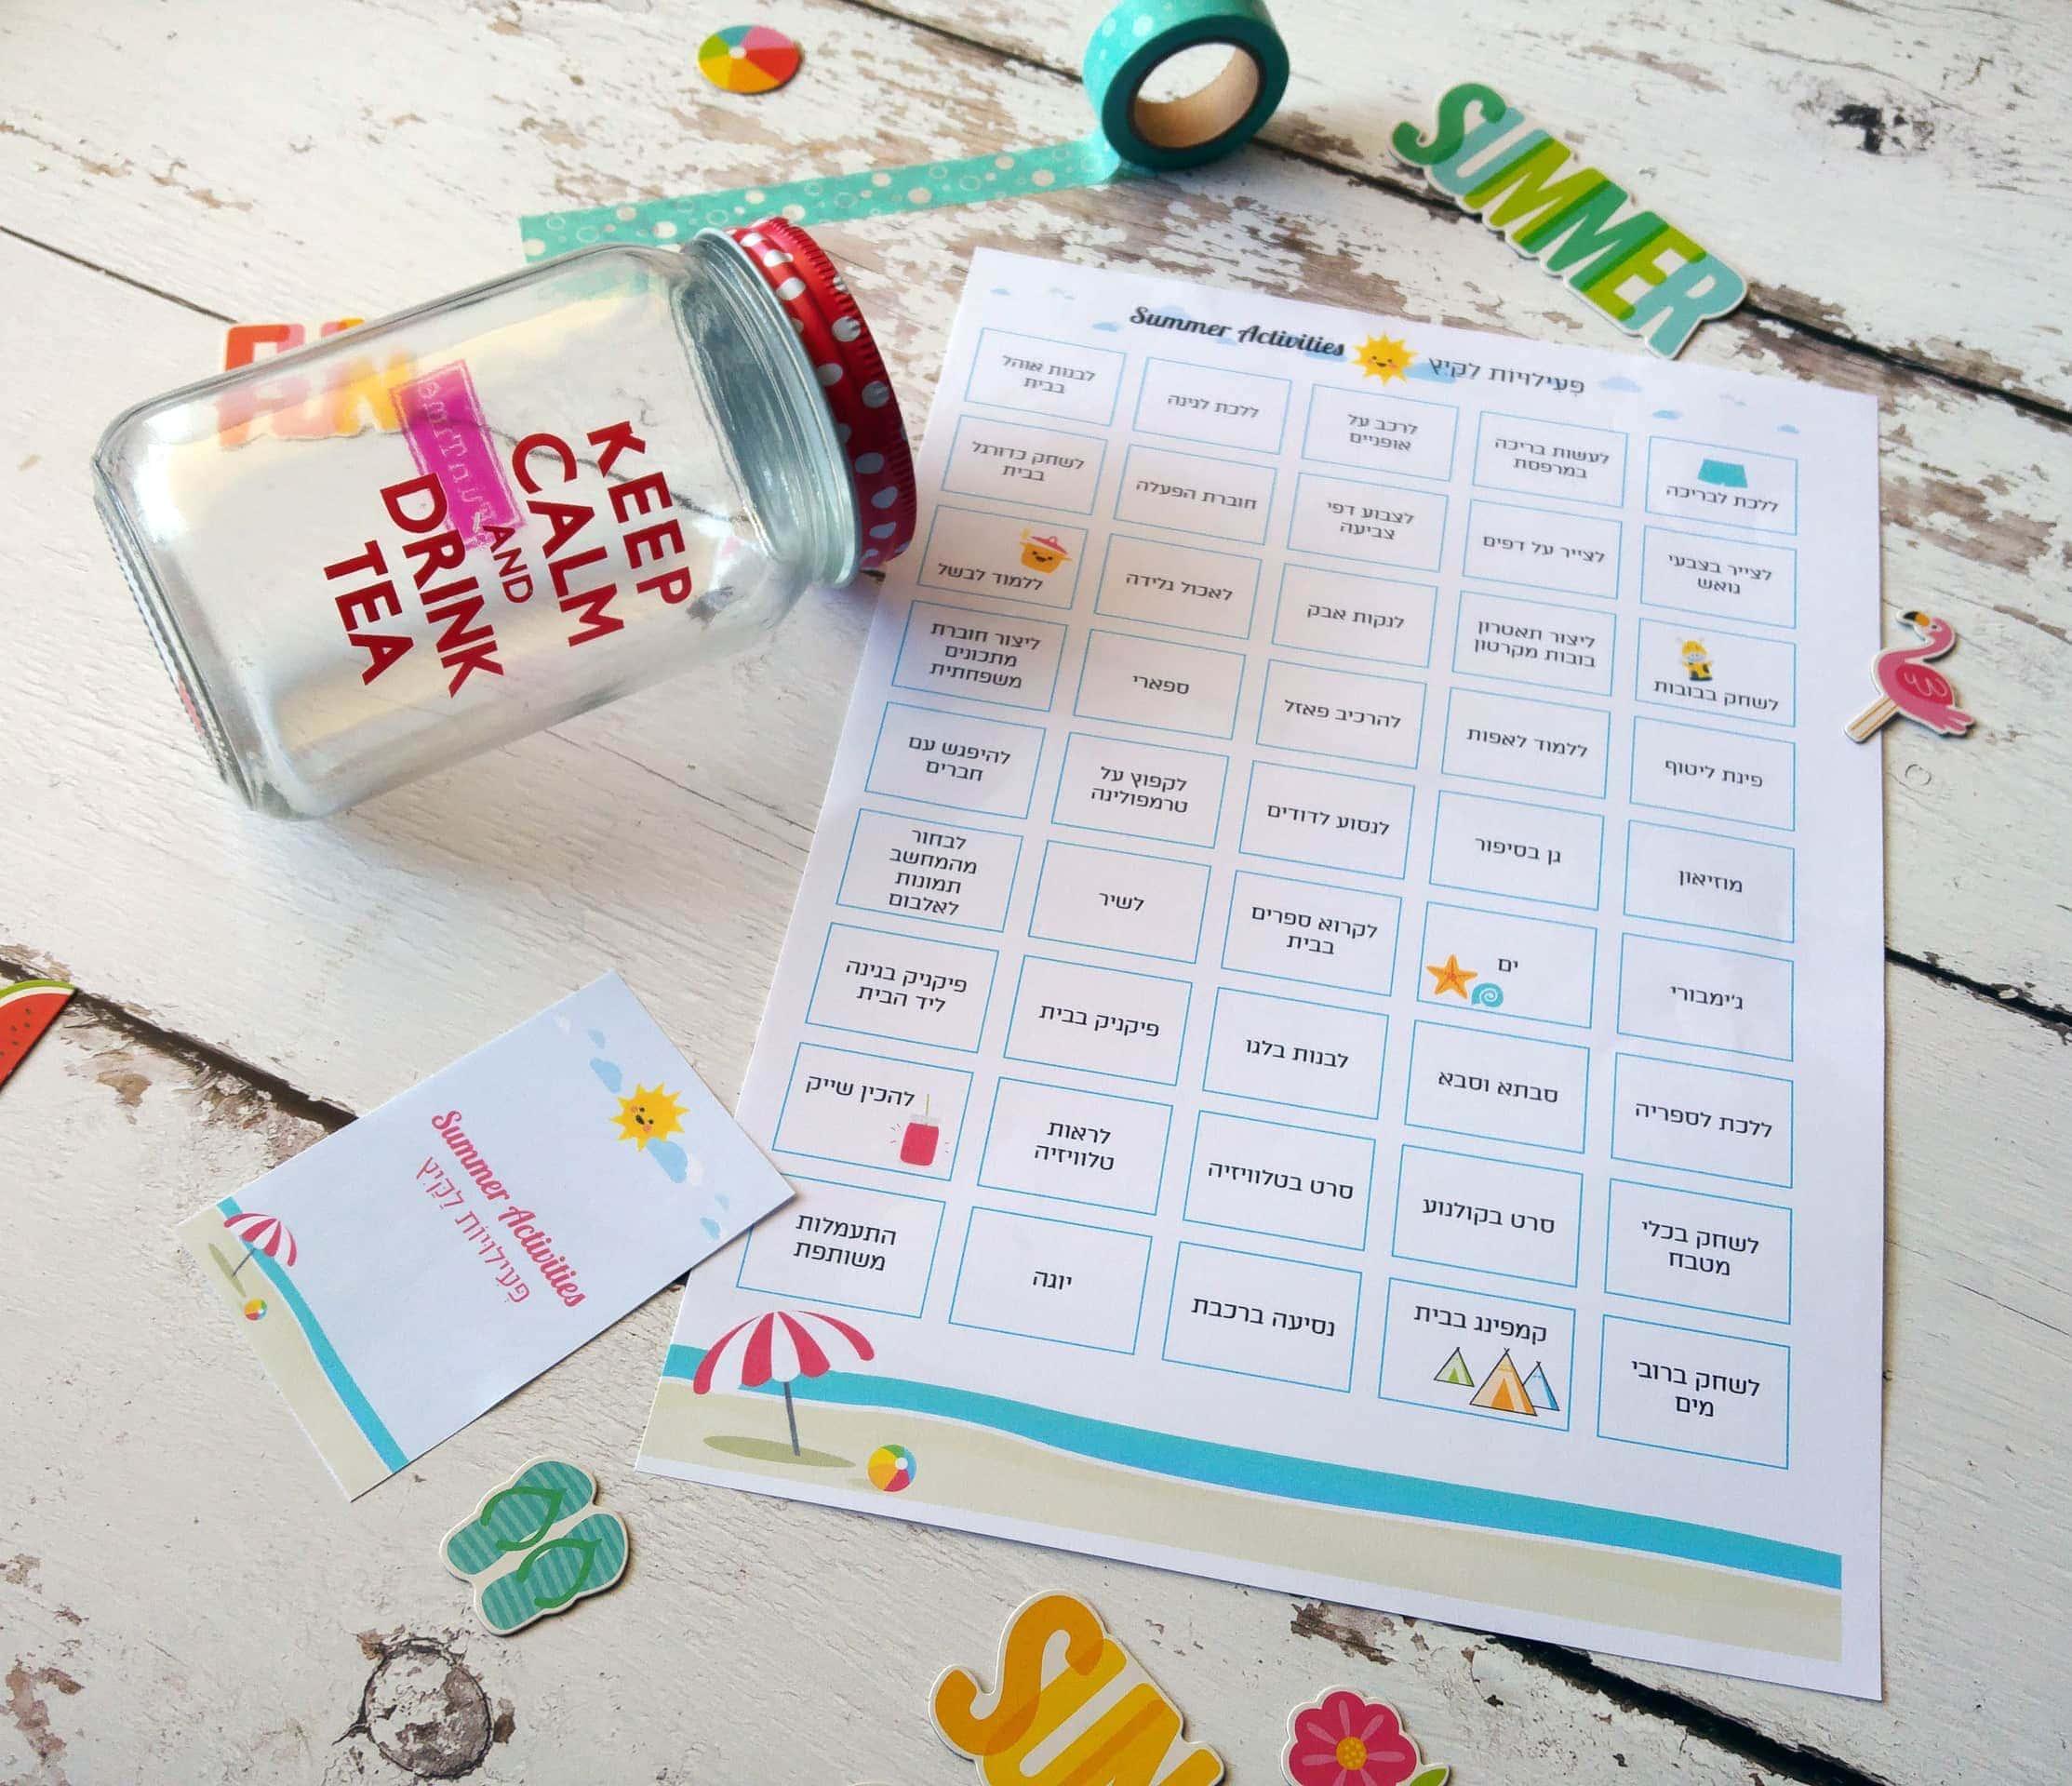 45 פעילויות לילדים בחופש הגדול